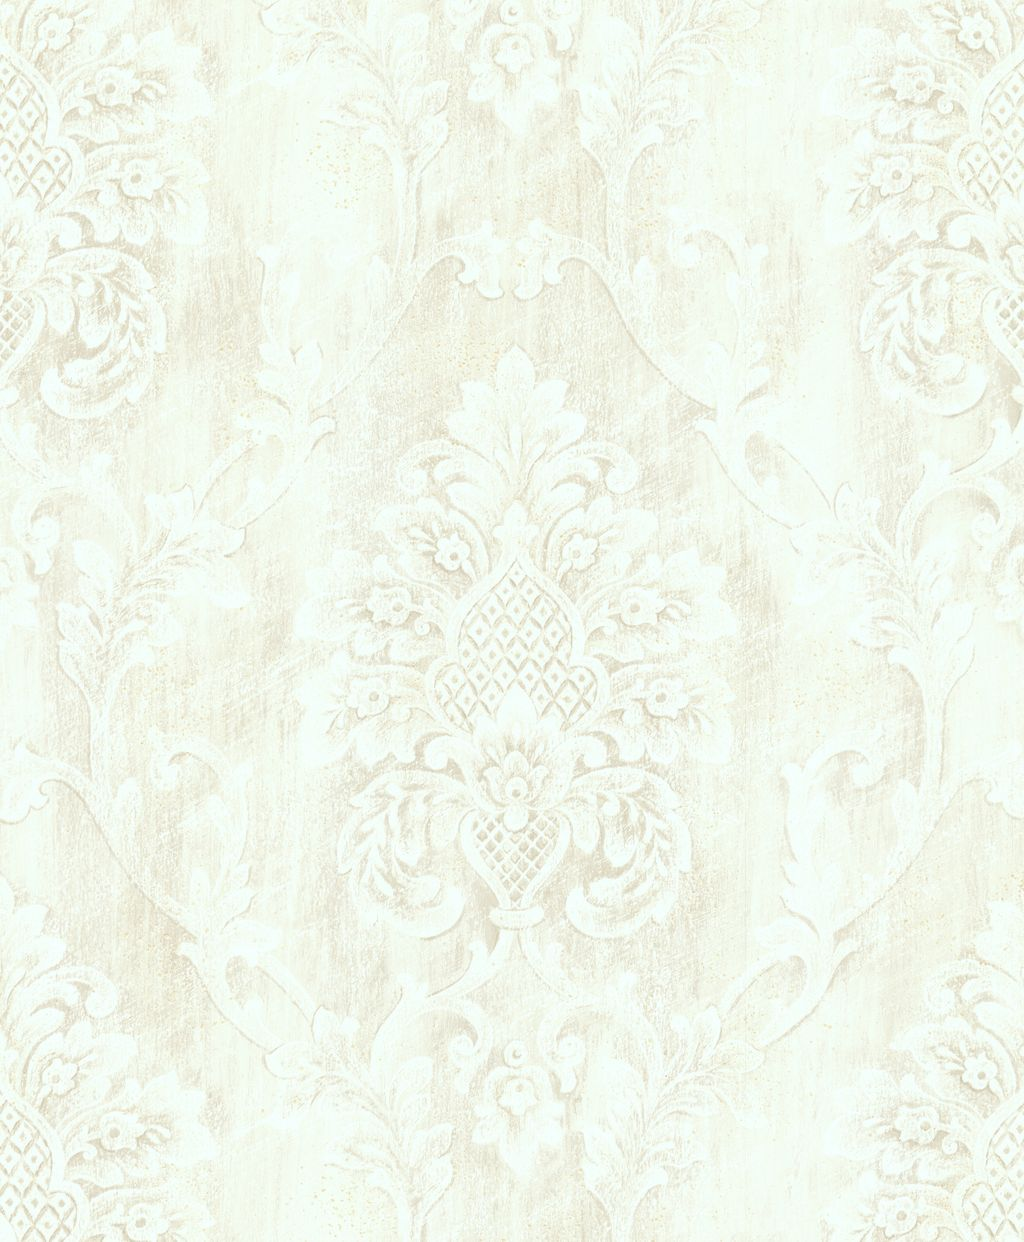 Итальянские обои Estro,  коллекция Buckingham Palace, артикулBP60401